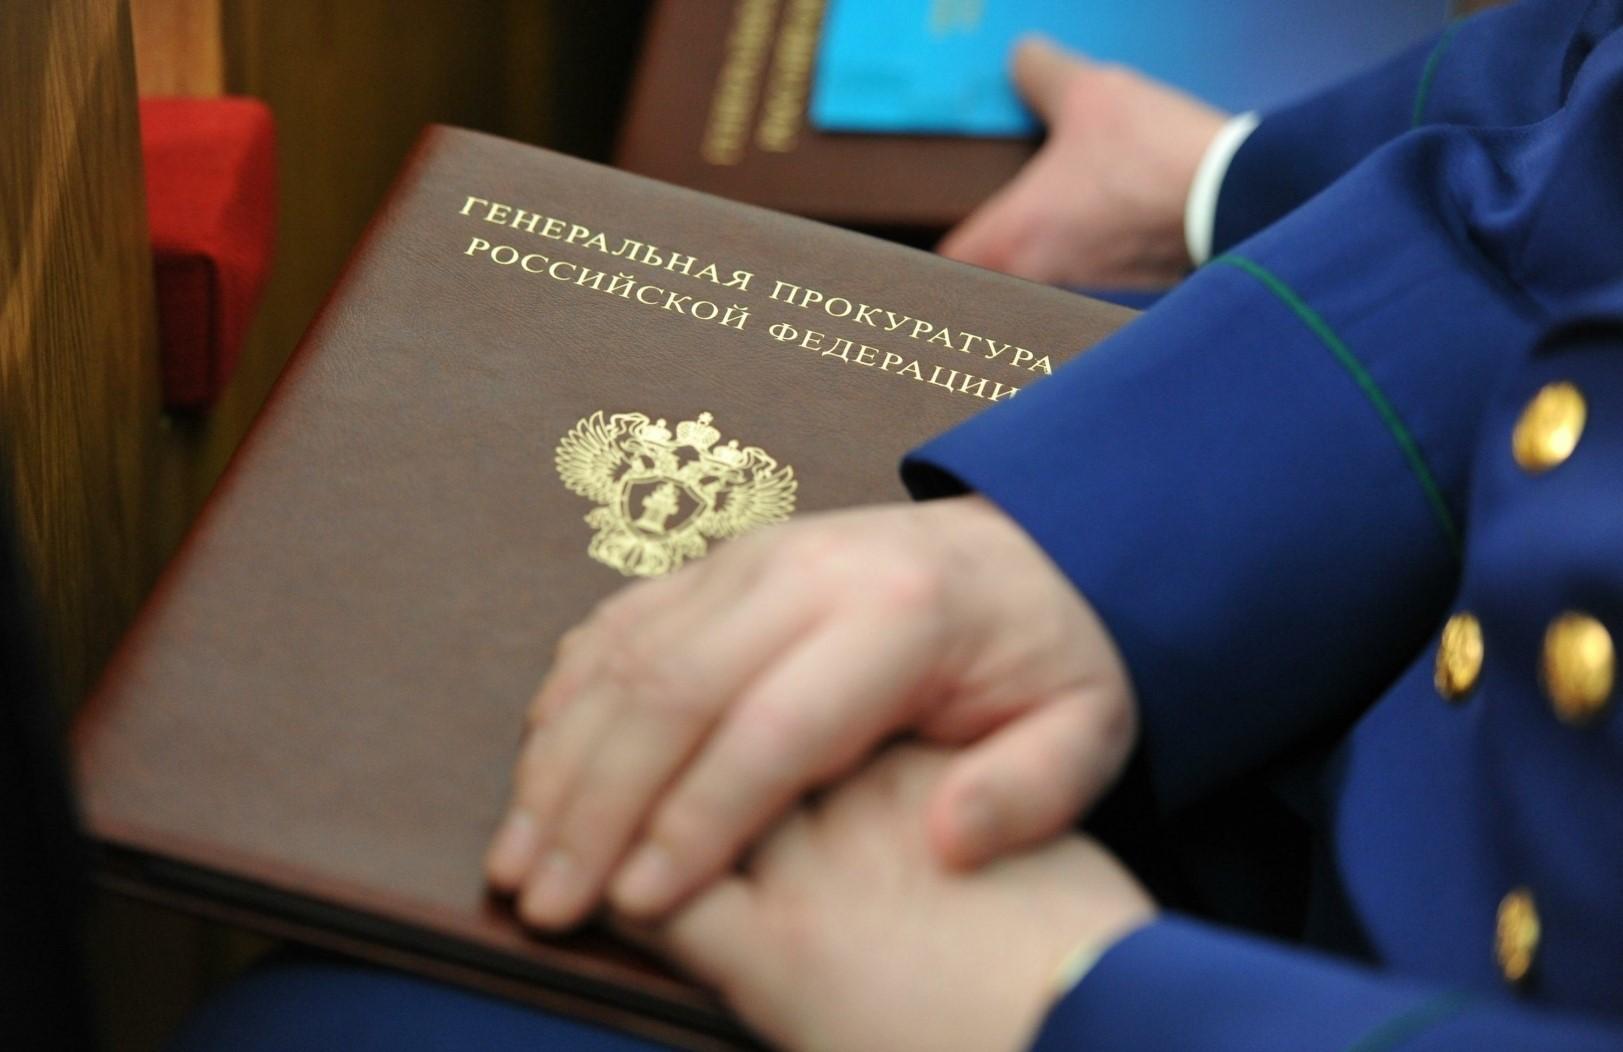 Генеральная прокуратура проверит информацию о сложной ситуации с коронавирусом в Карачаево-Черкесии